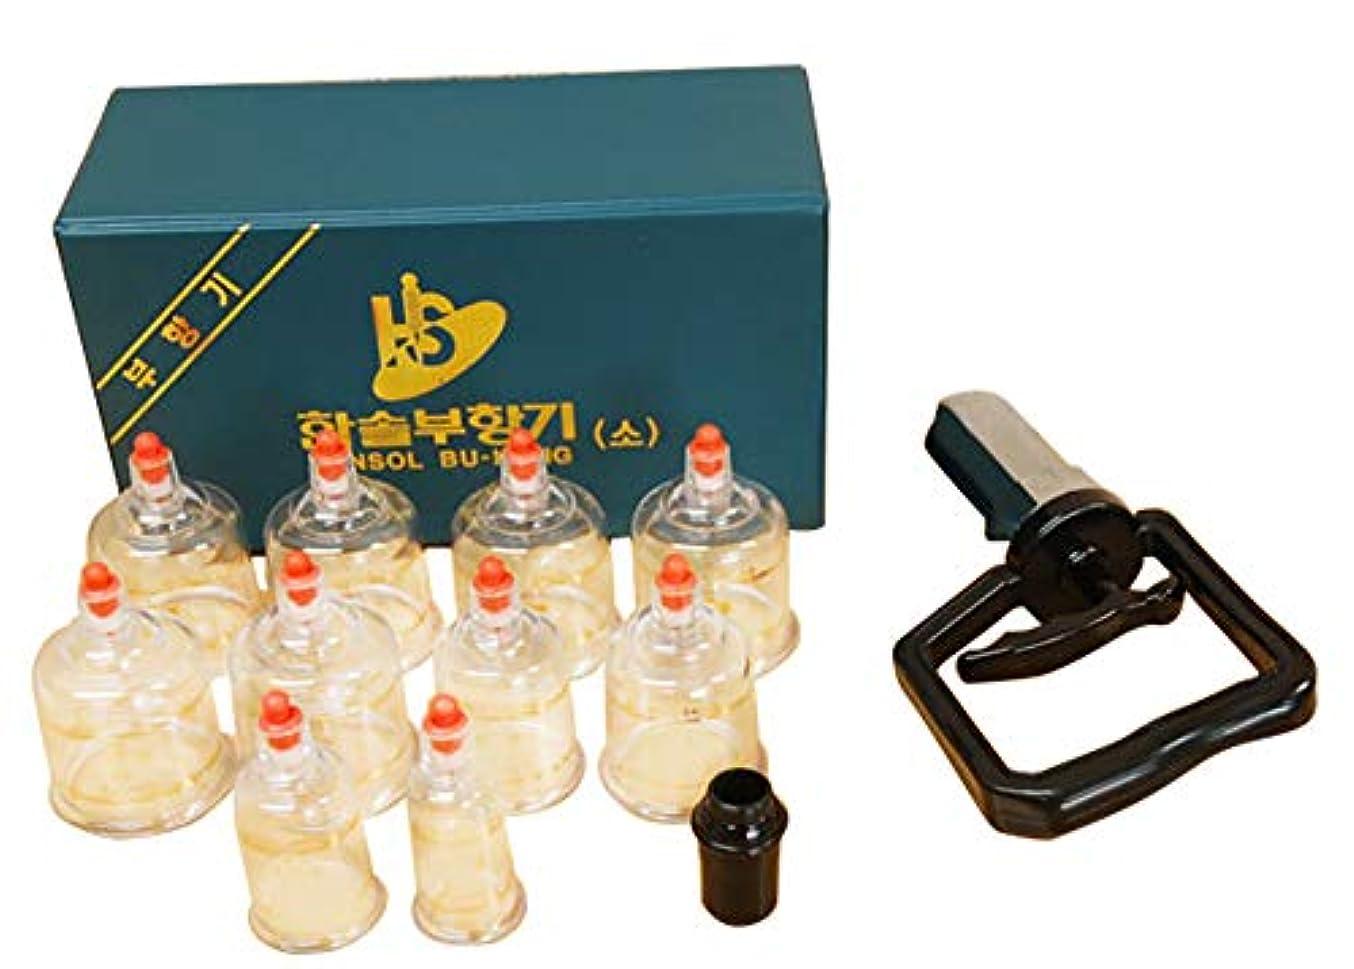 一握り連続したショッキング中国四千年の健康法「吸玉」がご家庭で手軽にできる!ハンソルメディカル ブハン カッピングカップ10個セット